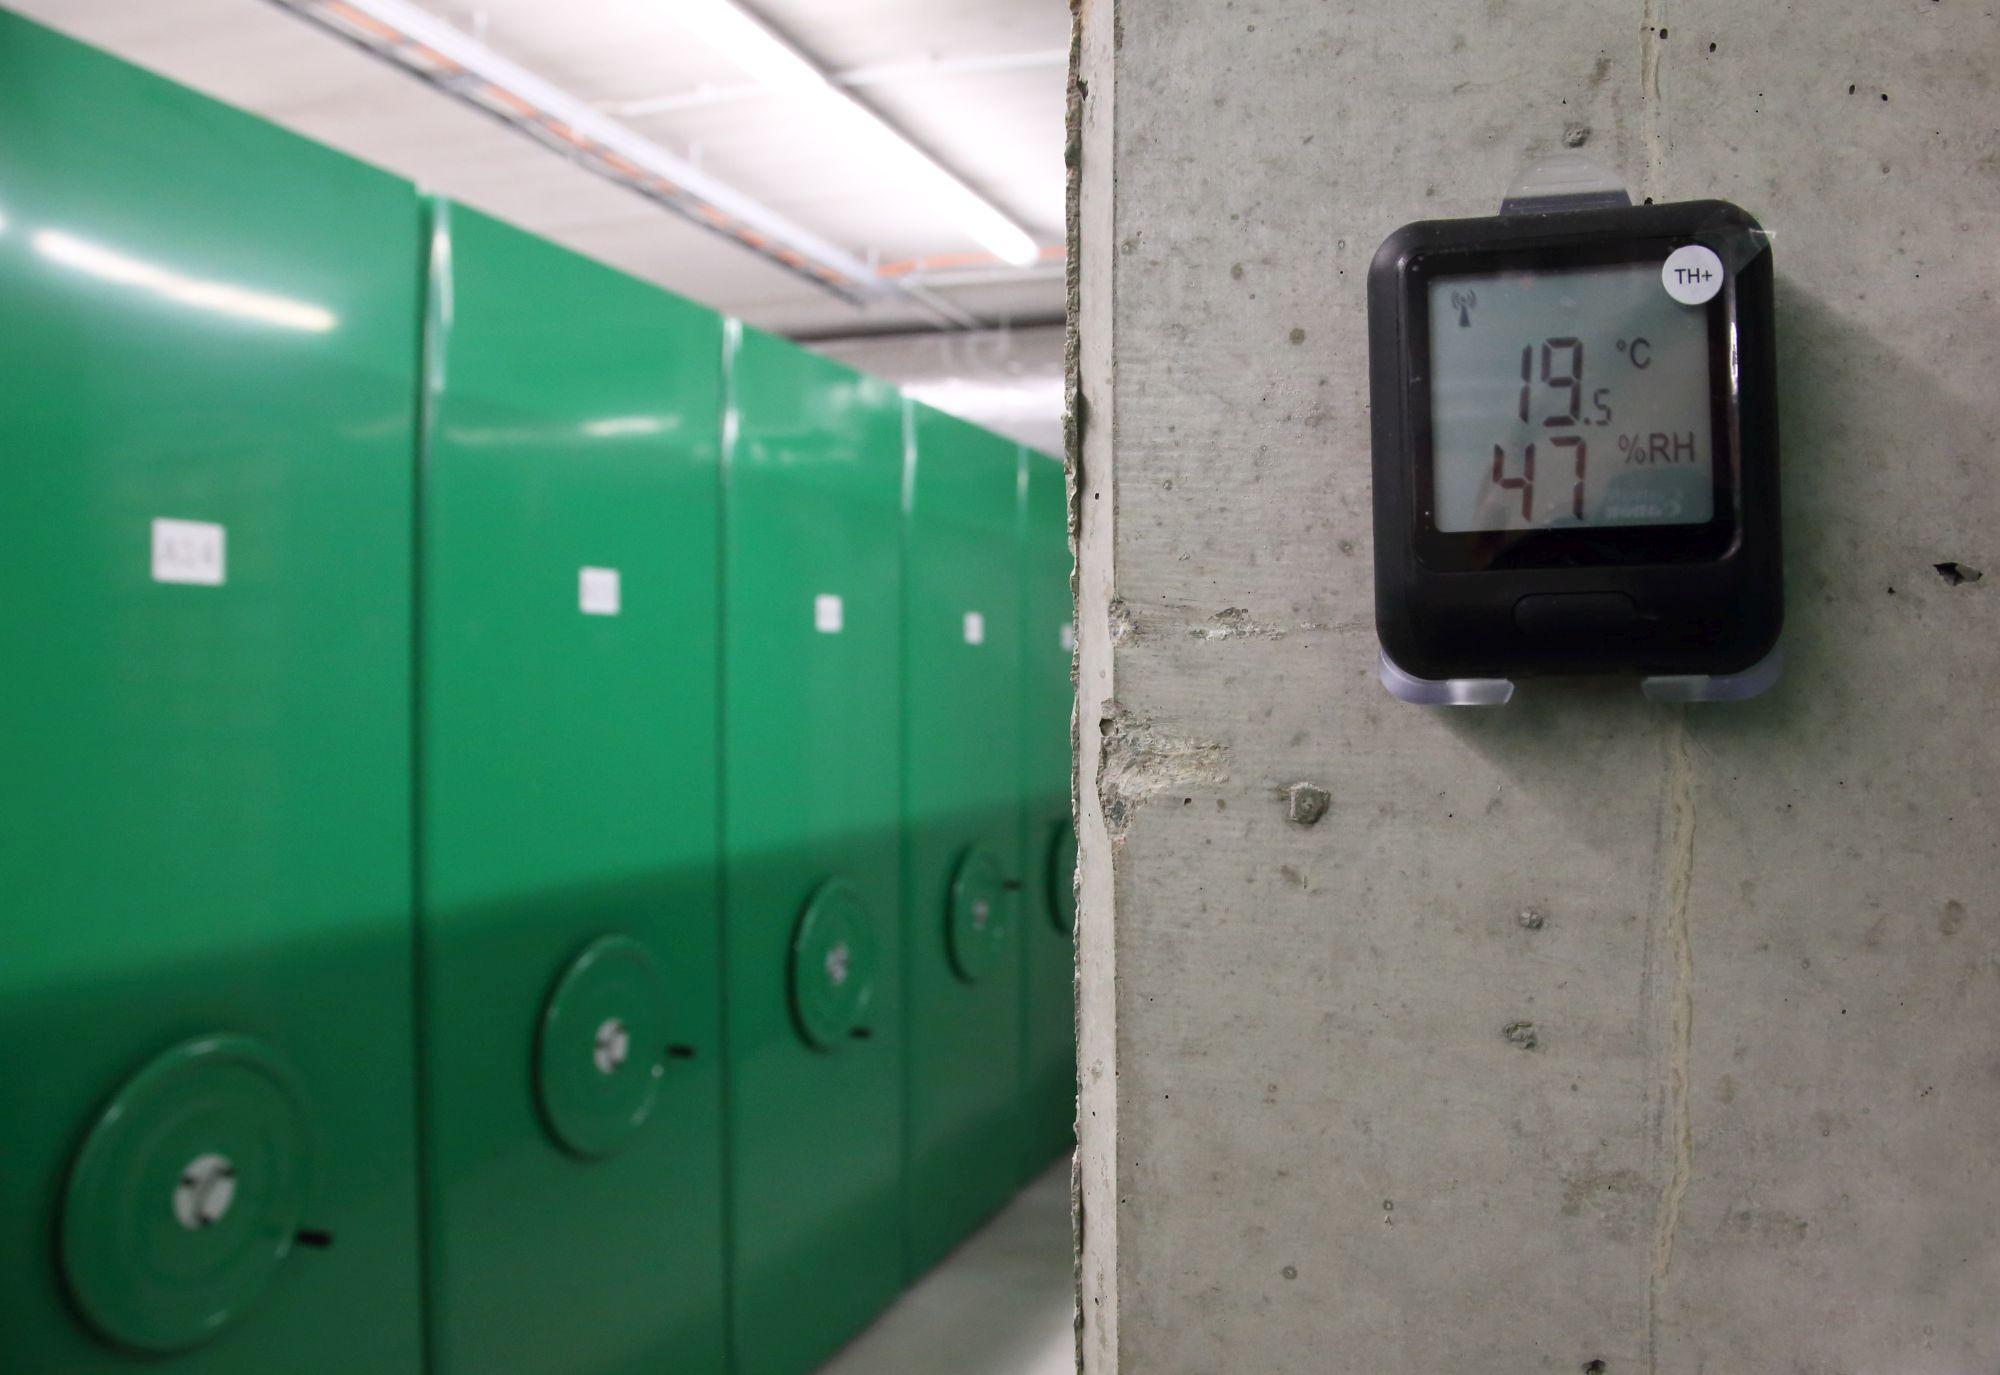 Hoidlate keskkonnatingimusi mõõdab ja jagab wifi-võrgutatud loger